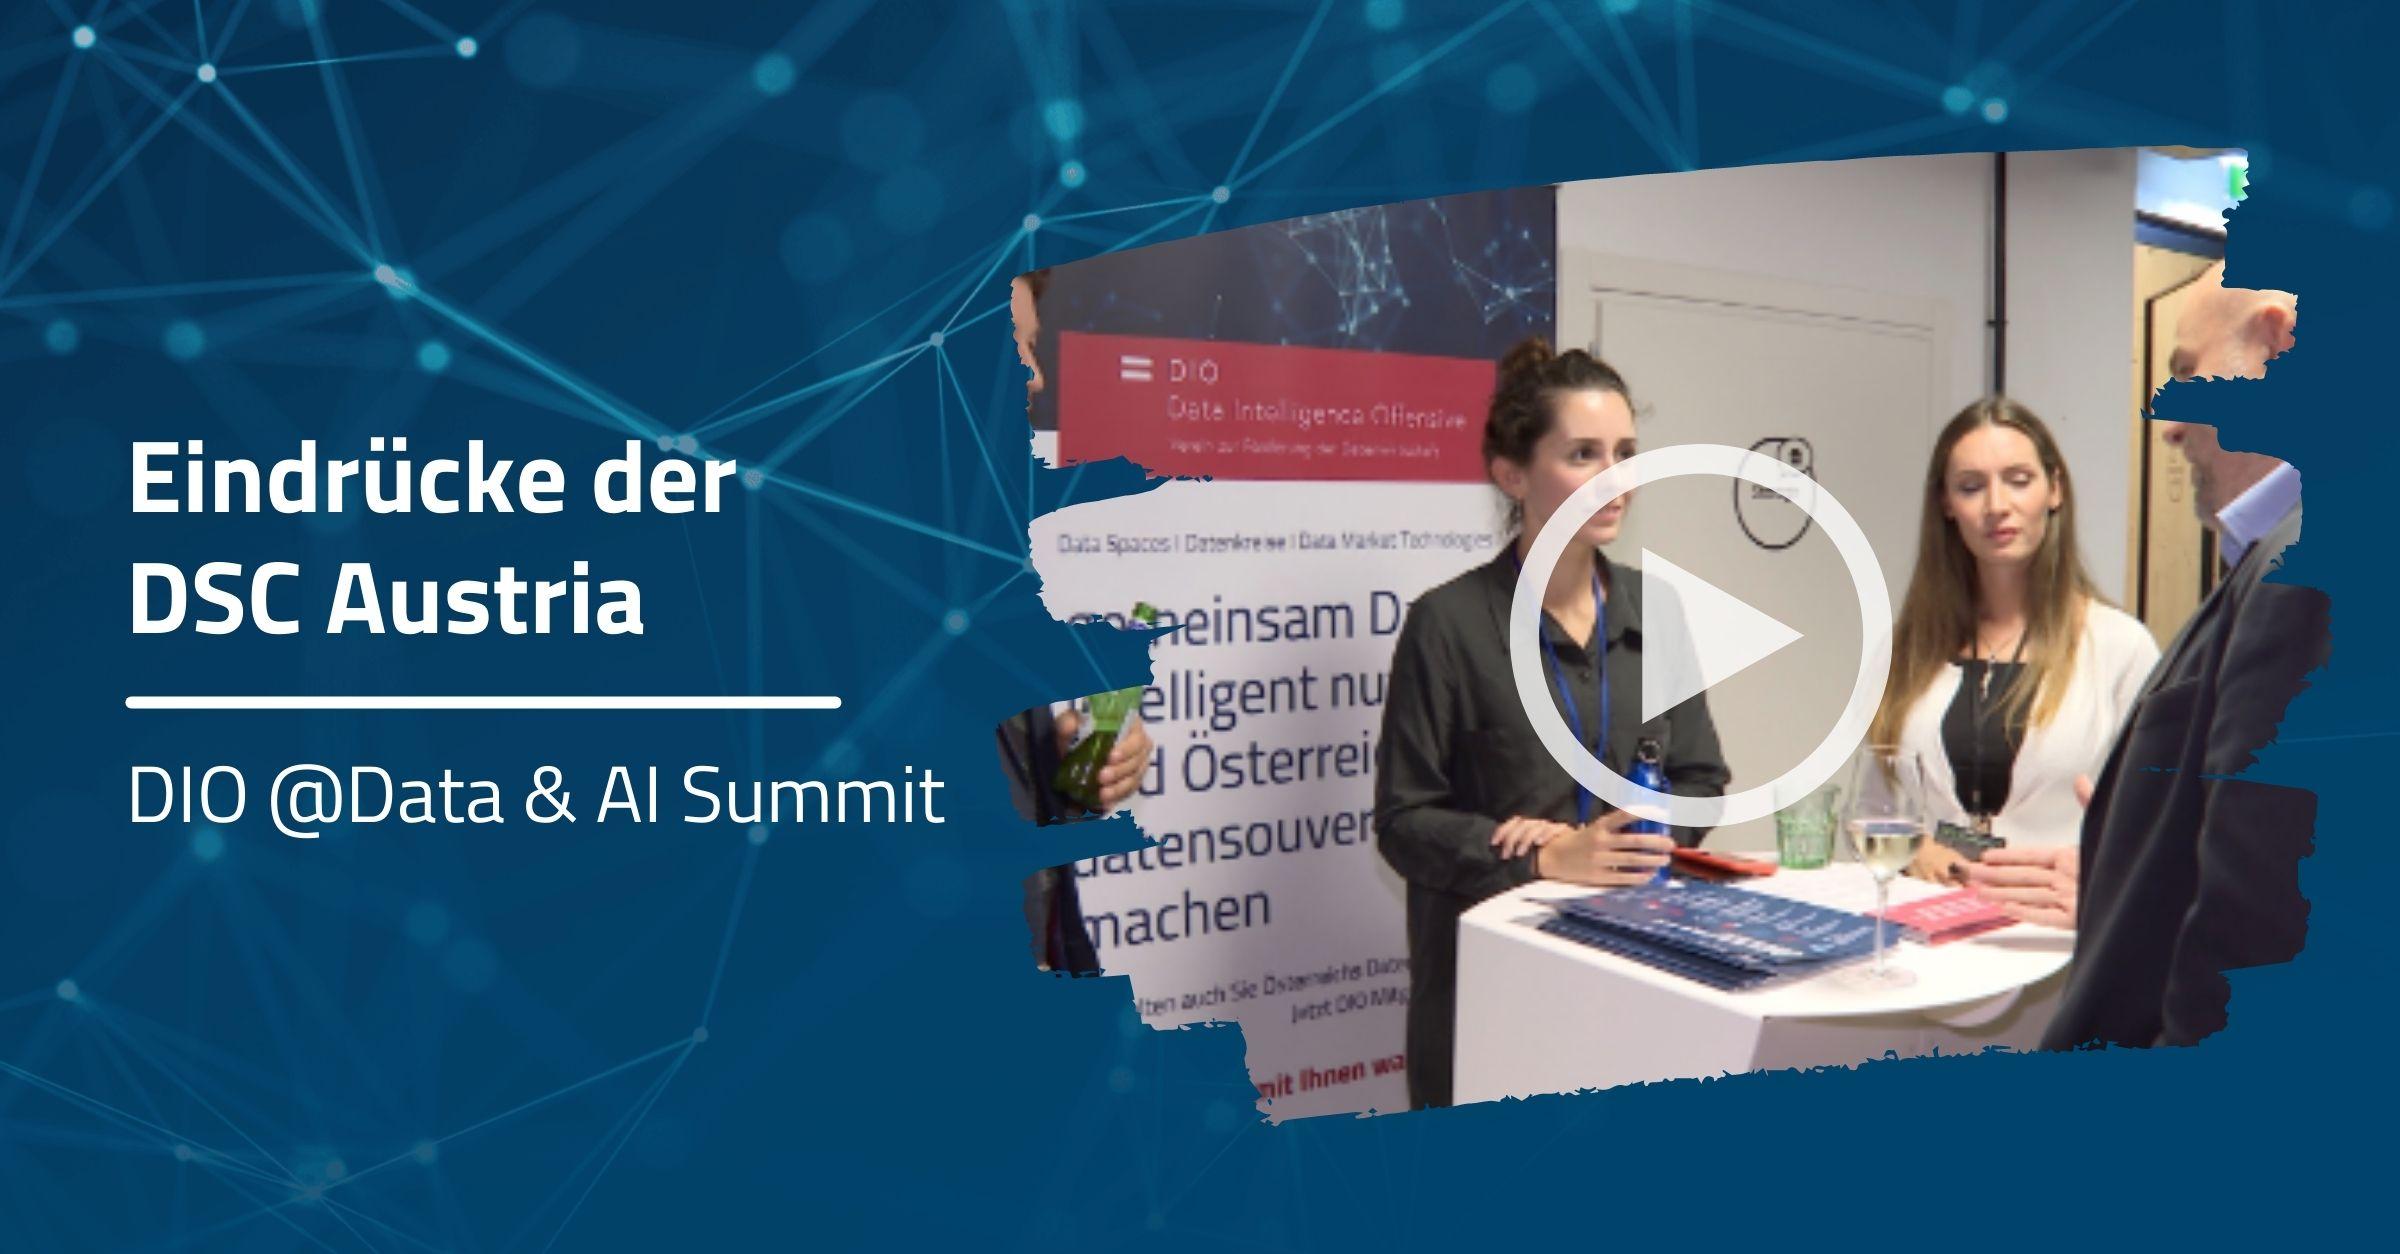 Beitragsbild: Eindrücke der DSC Austria